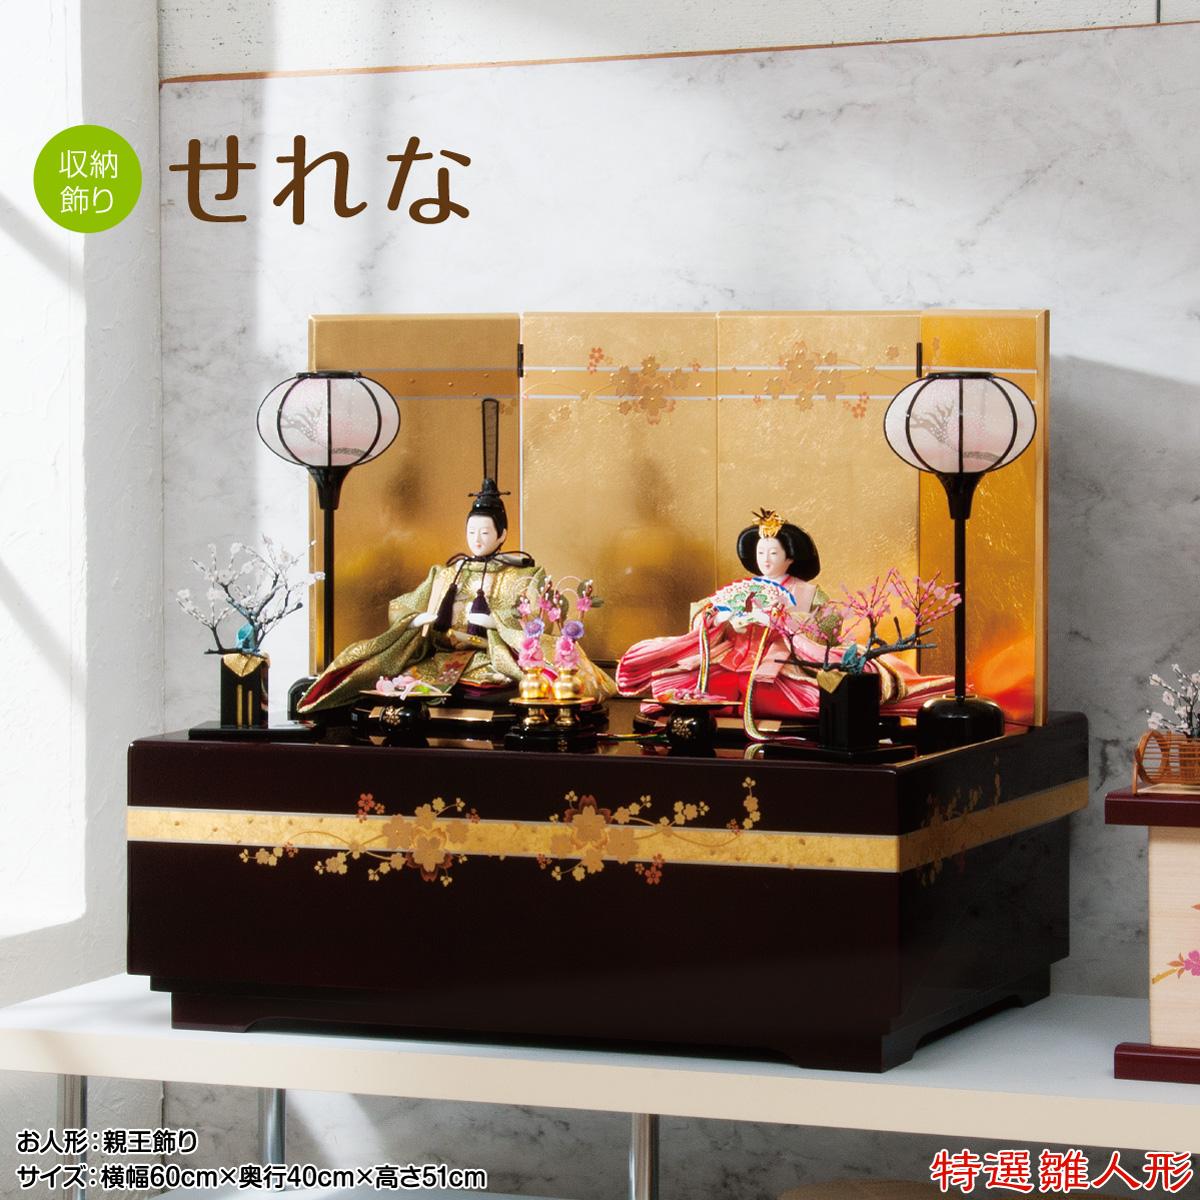 雛人形 収納飾り ひな人形 収納スペース付平安豊久せれな コンパクト 収納雛 特選